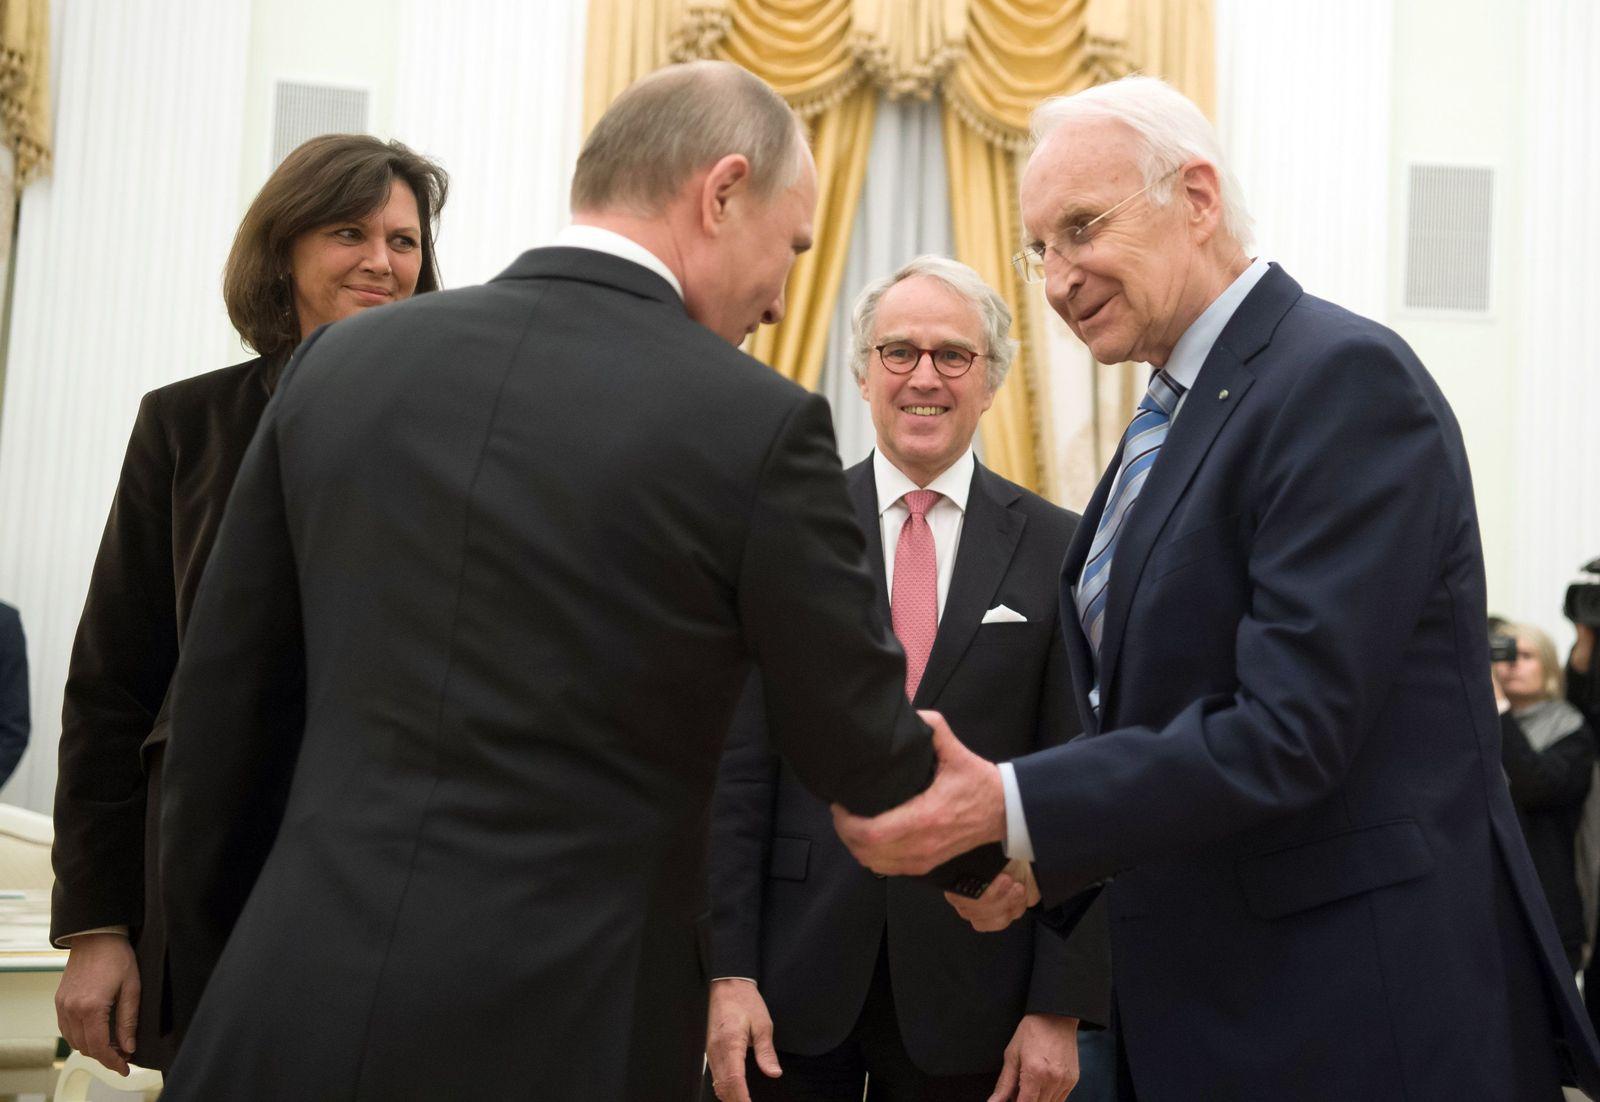 Wladimir Putin/Edmund Stoiber